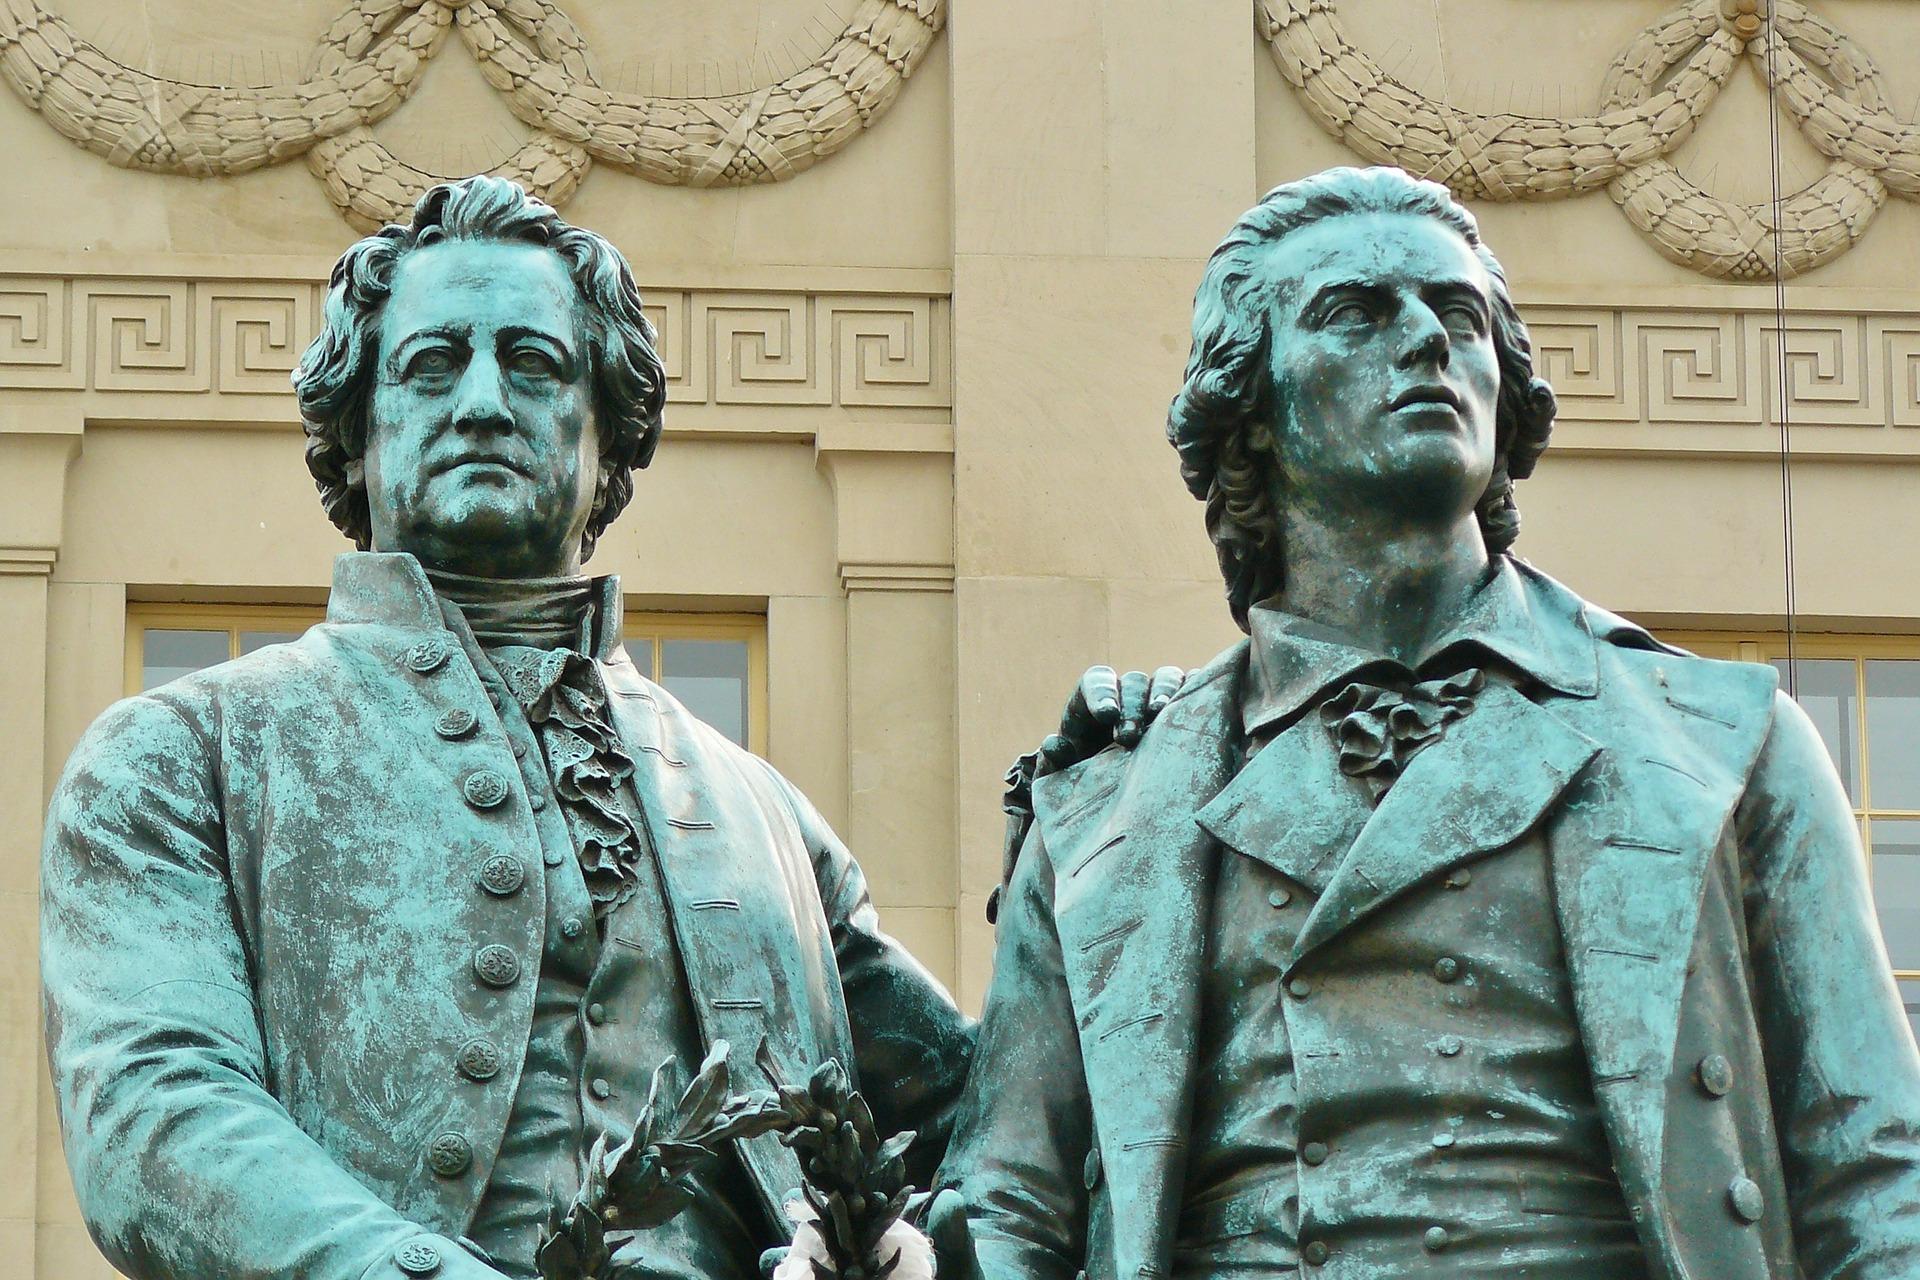 Goethes och Schillers statyer står på torget i Weimar.